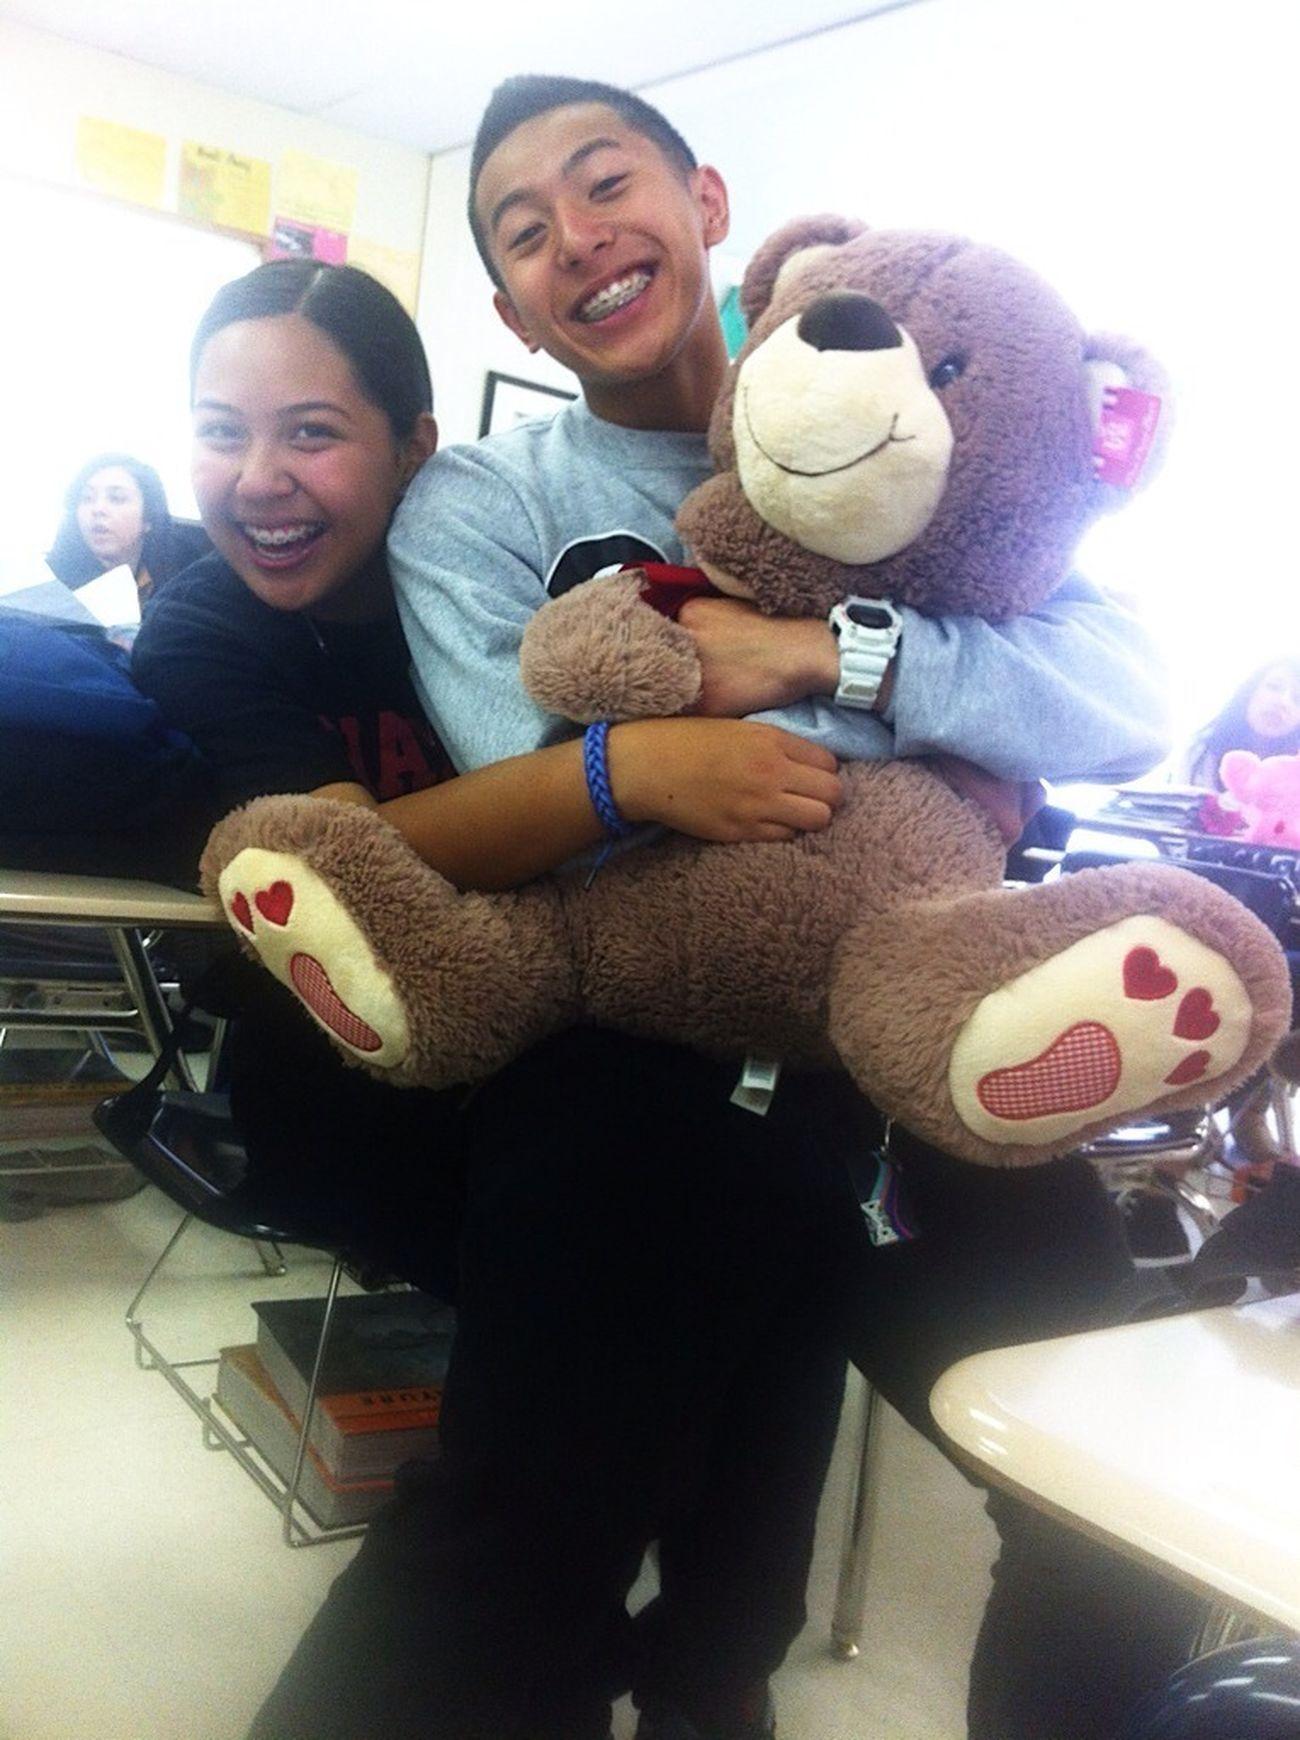 Our teddy bear though